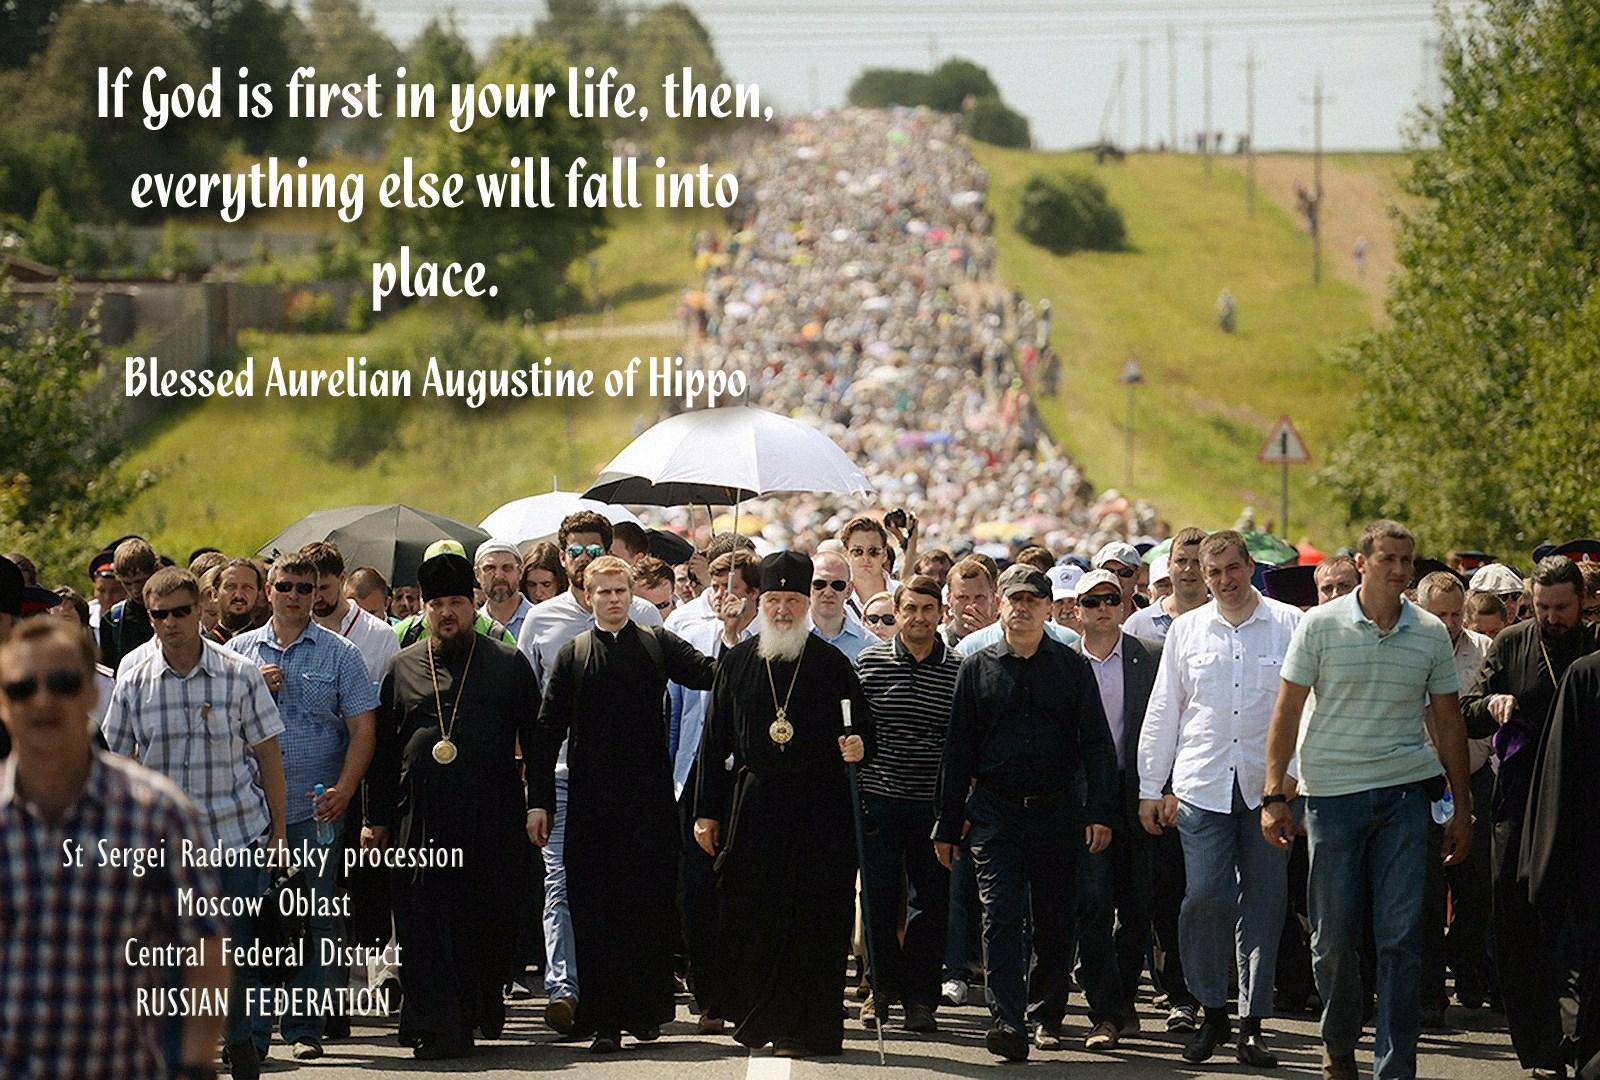 00 Patr Kirill. Russia. St Sergei Radonezhsky procession. 13.05.15